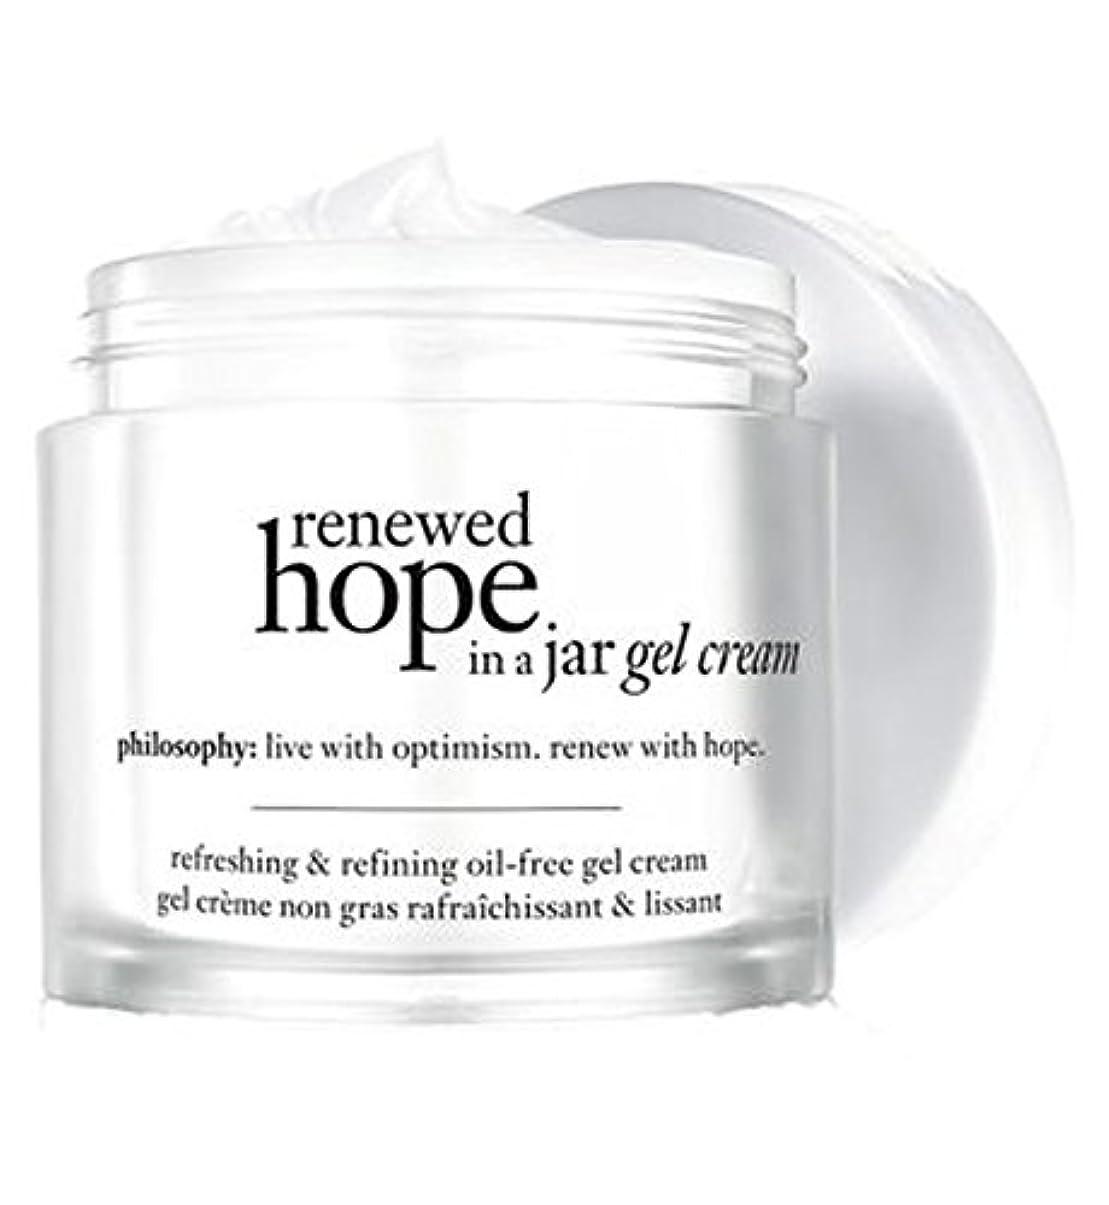 窓戦う勇者Philosophy renewed hope in a jar gel cream refreshing & refining oil-free moisturizer 60ml - ジャーゲルクリーム爽やか&精製オイルフリーの保湿60ミリリットルで哲学新たな希望 (Philosophy) [並行輸入品]